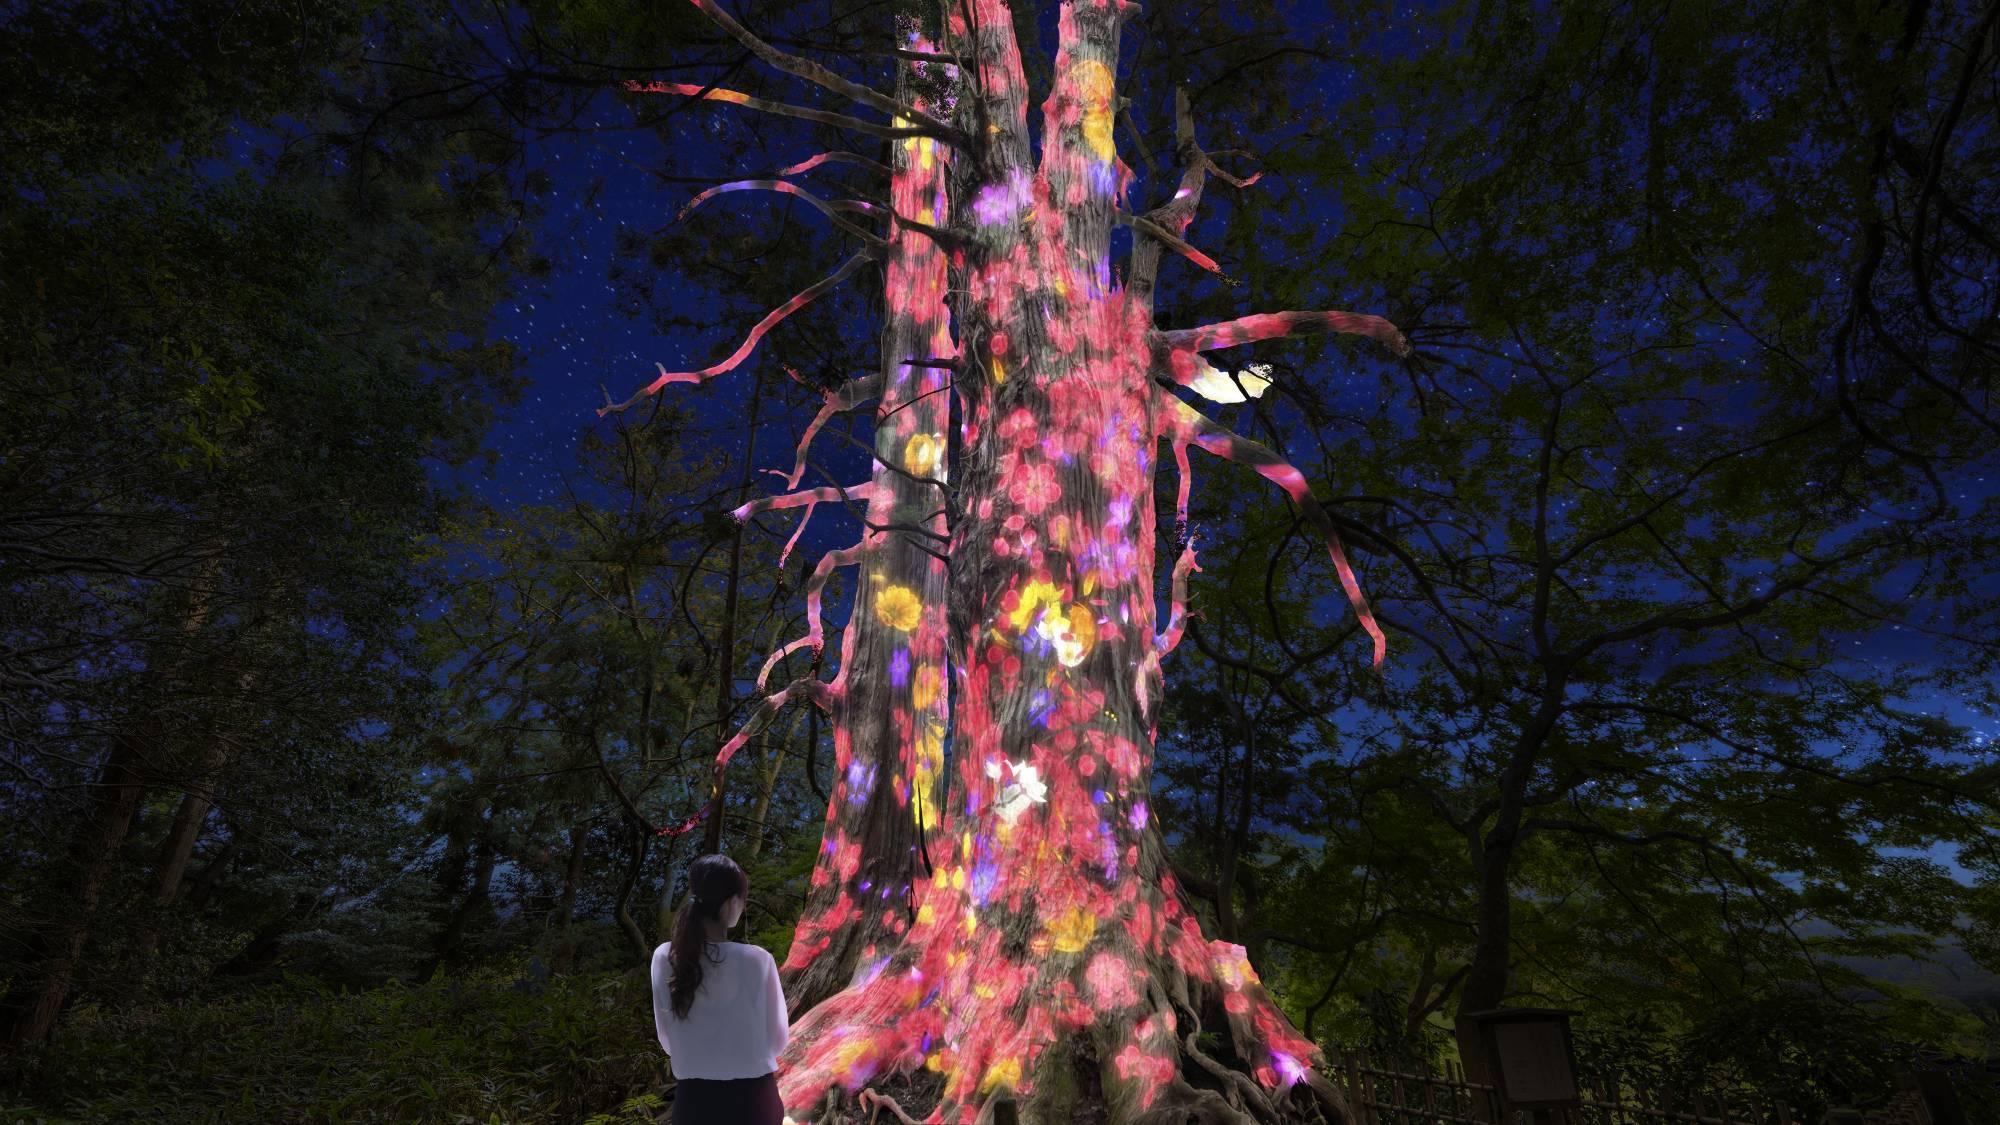 日本三大名園で観る、梅×光のアート『チームラボ偕楽園 光の祭』